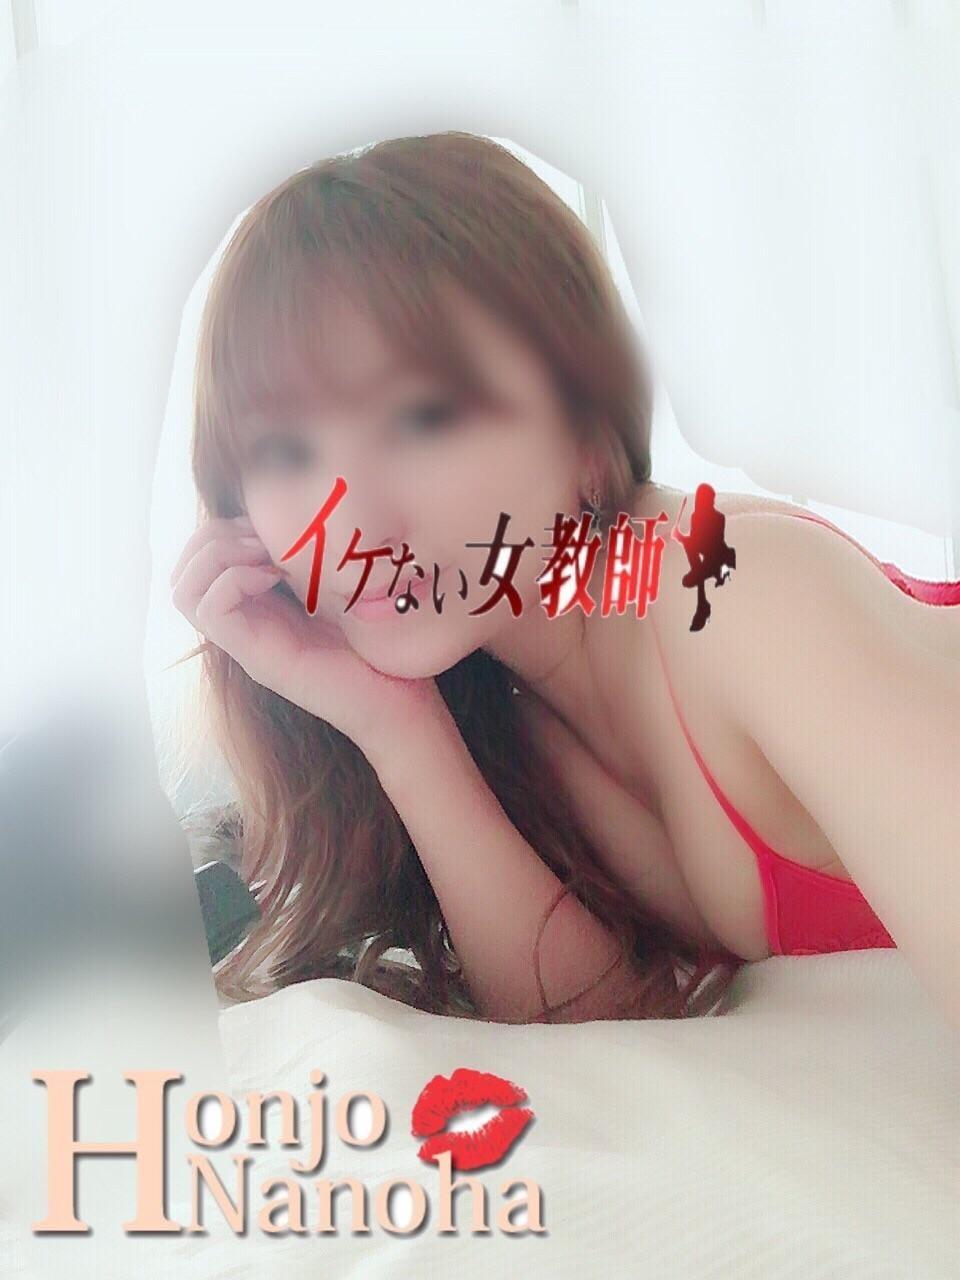 「ありがとっ」01/16(01/16) 22:45 | 本城 なのはの写メ・風俗動画